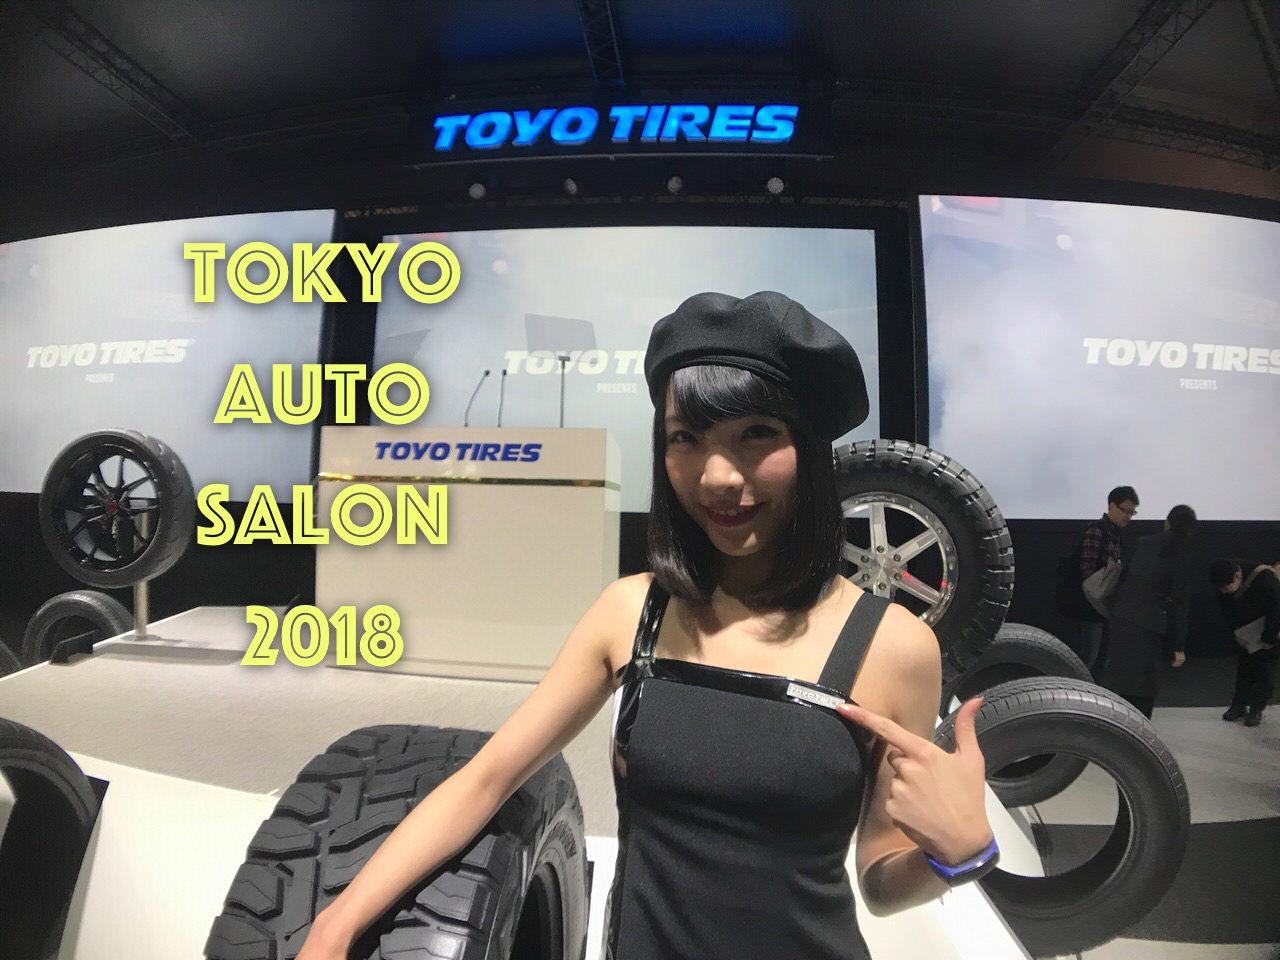 Tokyo auto salon 2018 0112102910 titile